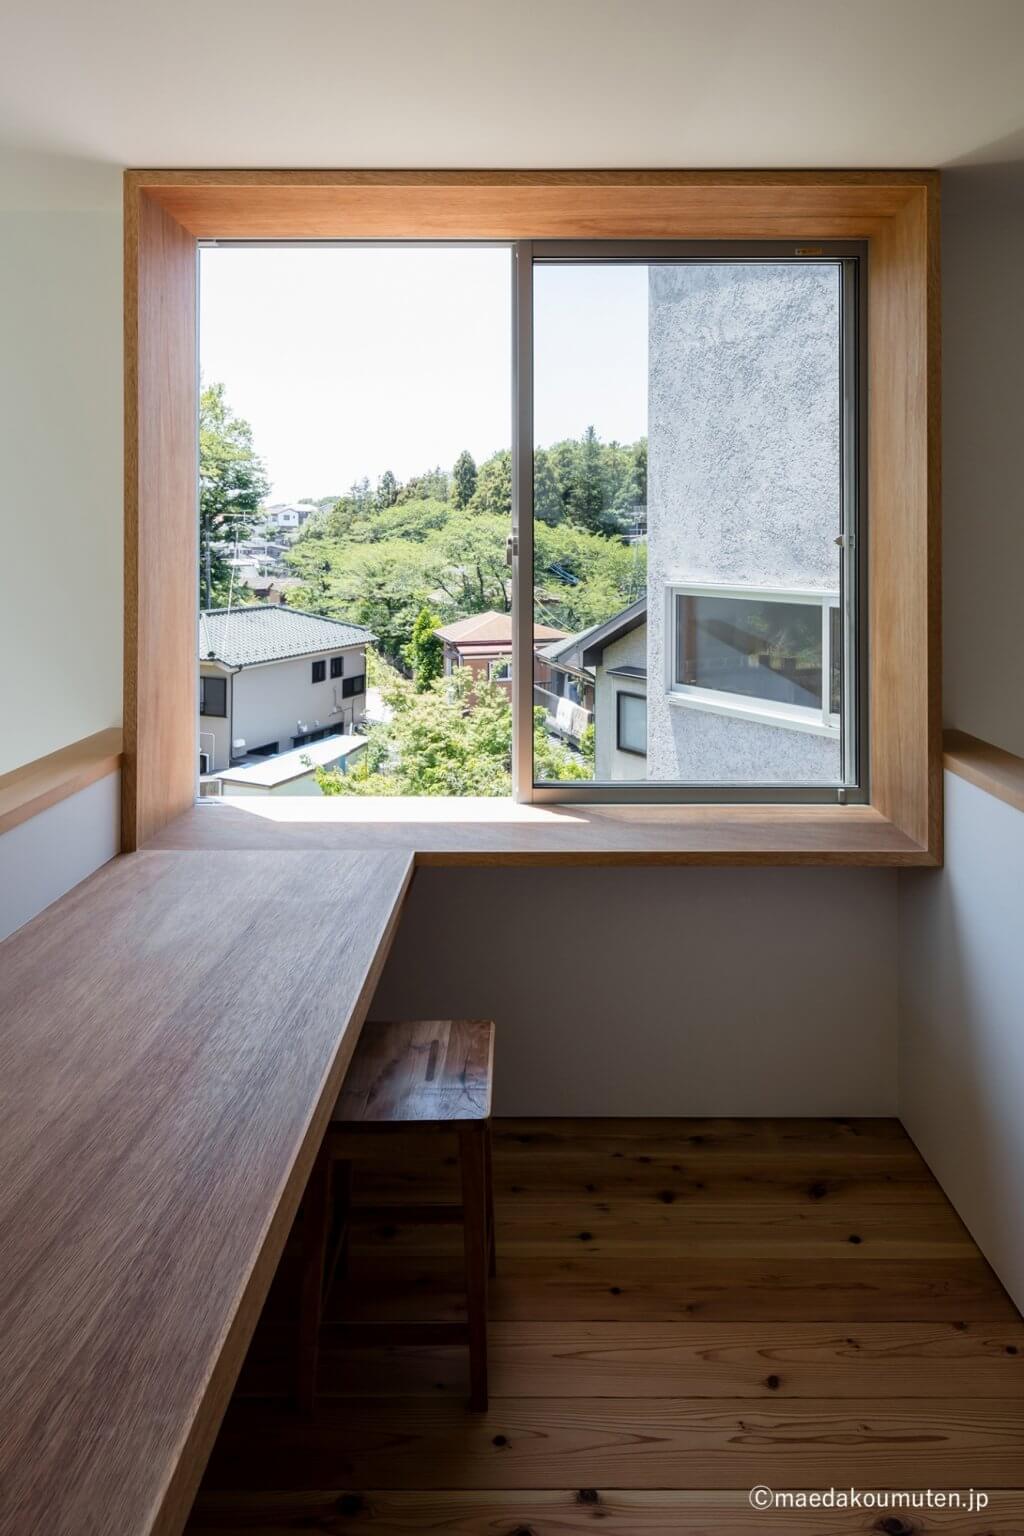 神奈川県、工務店、注文住宅、デザイン住宅、建築家、谷戸の家_22